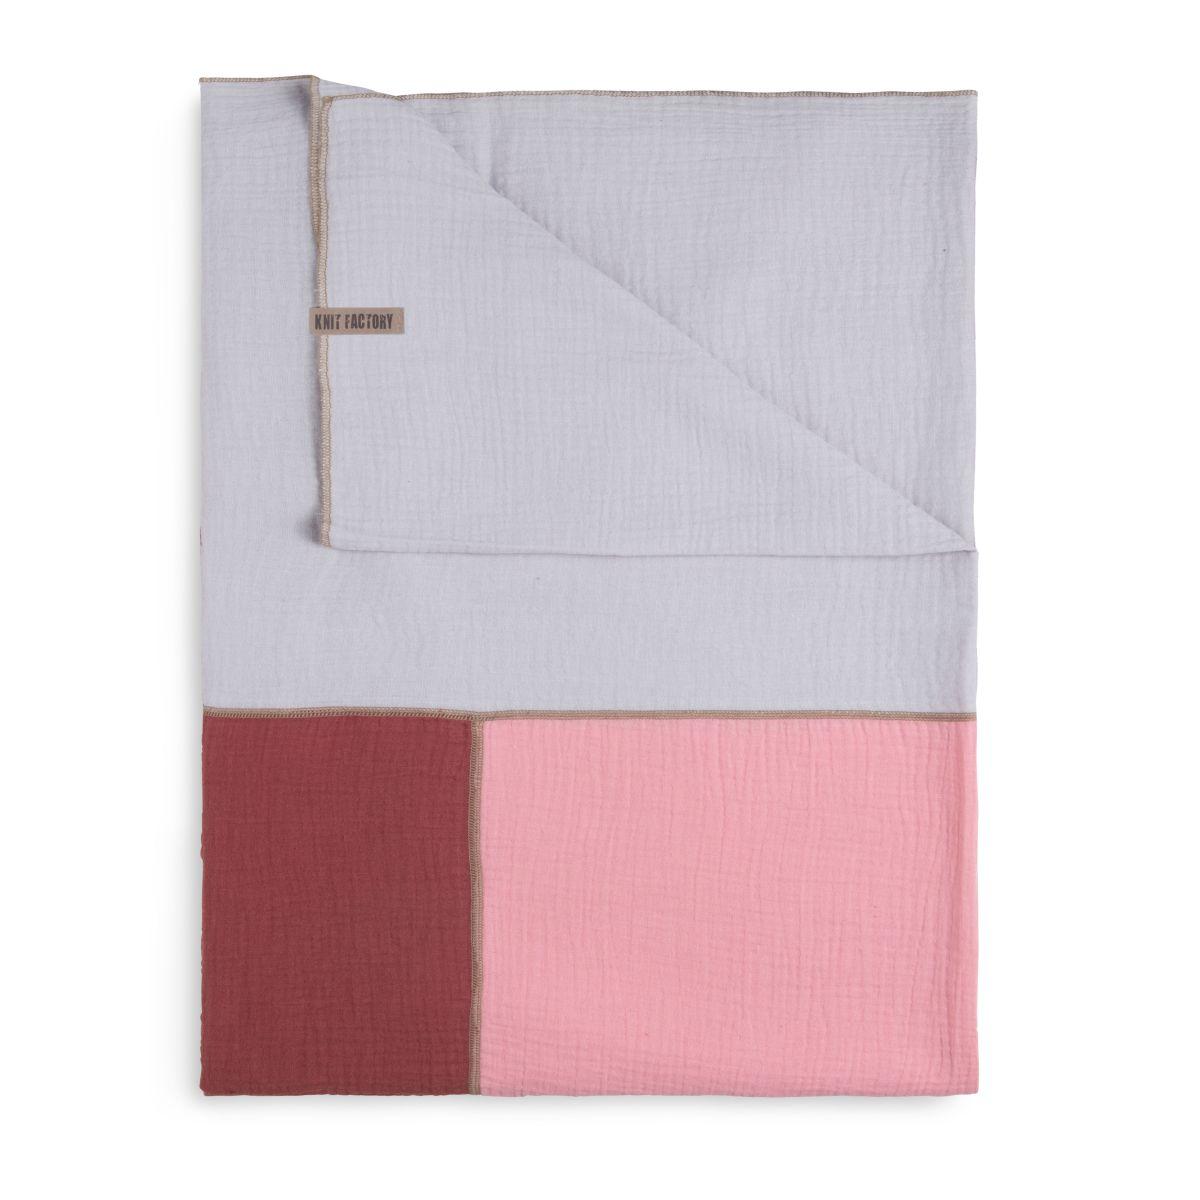 knit factory kf151056061 fay pareo stone red roze 5